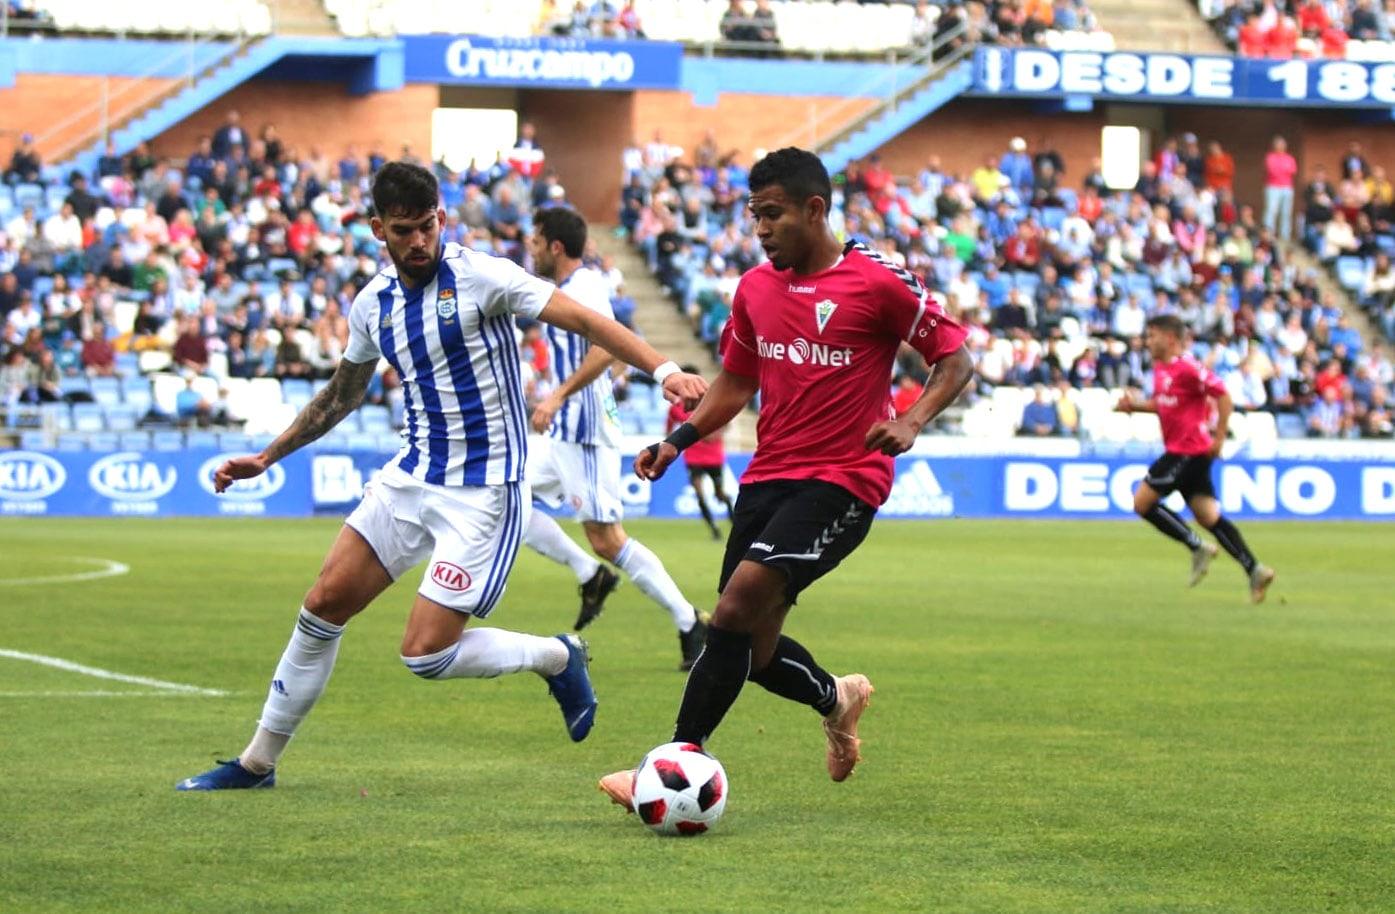 Un buen Marbella F.C. suma (0-0) en el campo del Recreativo y sigue invicto en la segunda vuelta